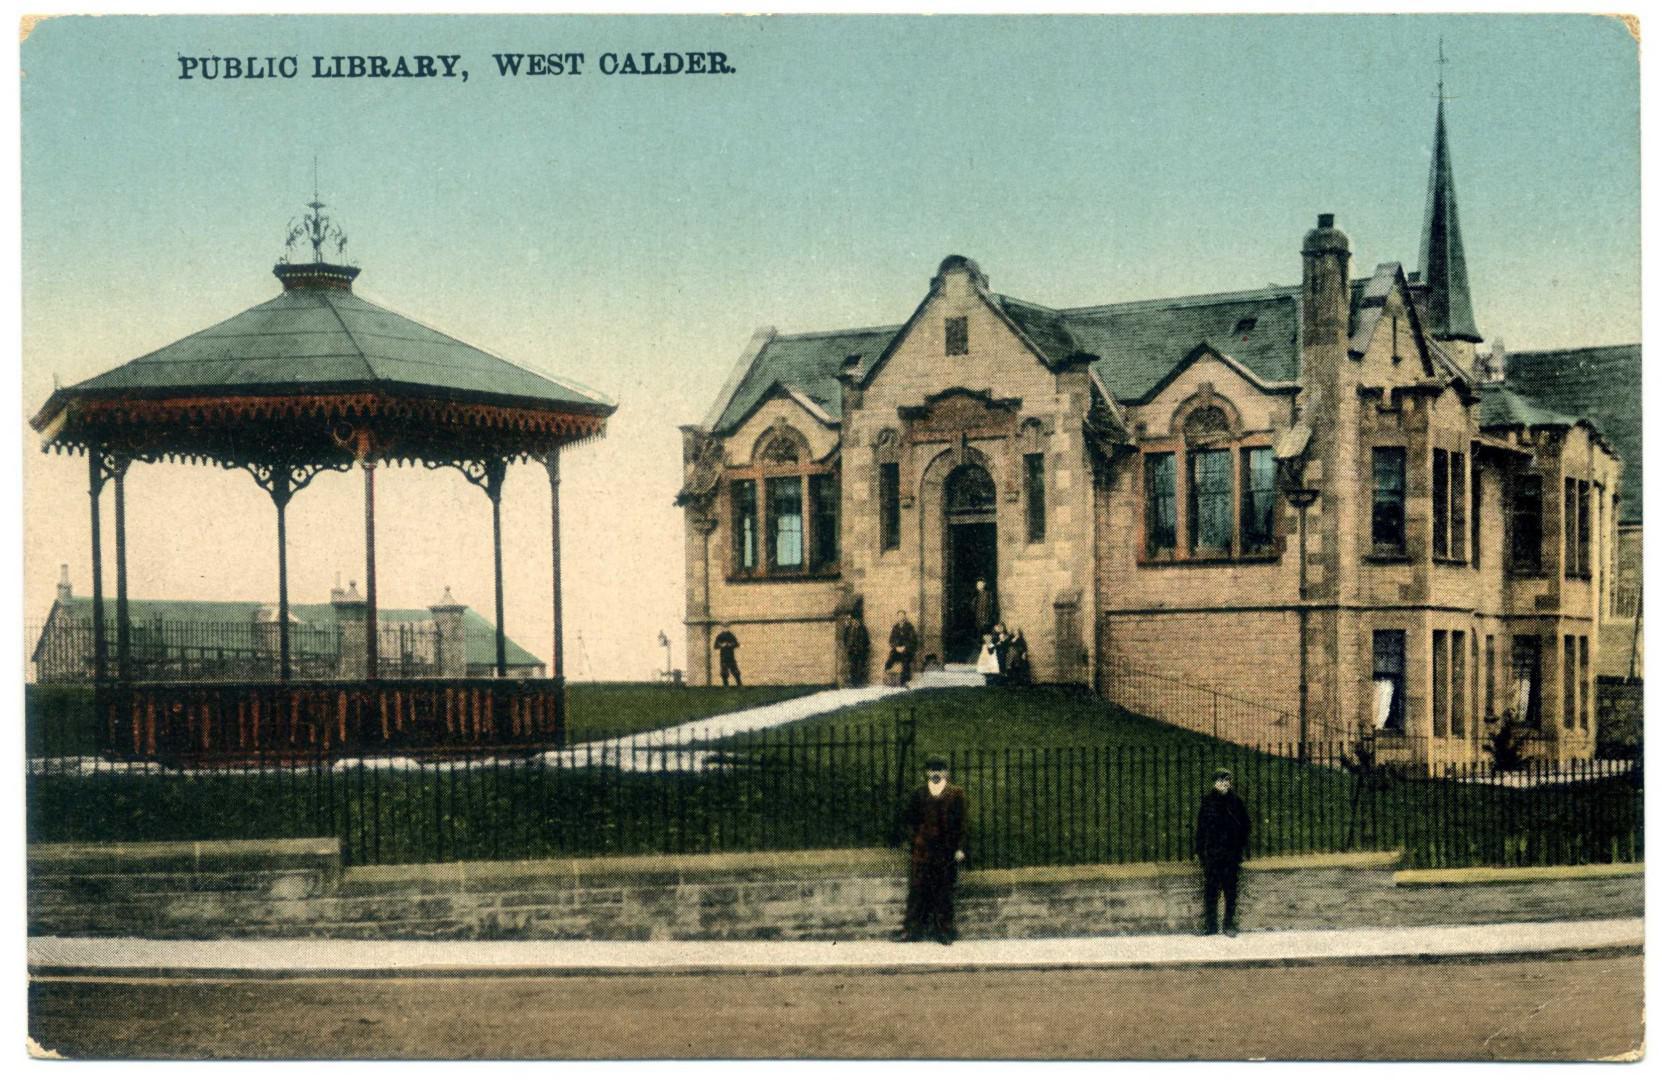 West Calder Public Library